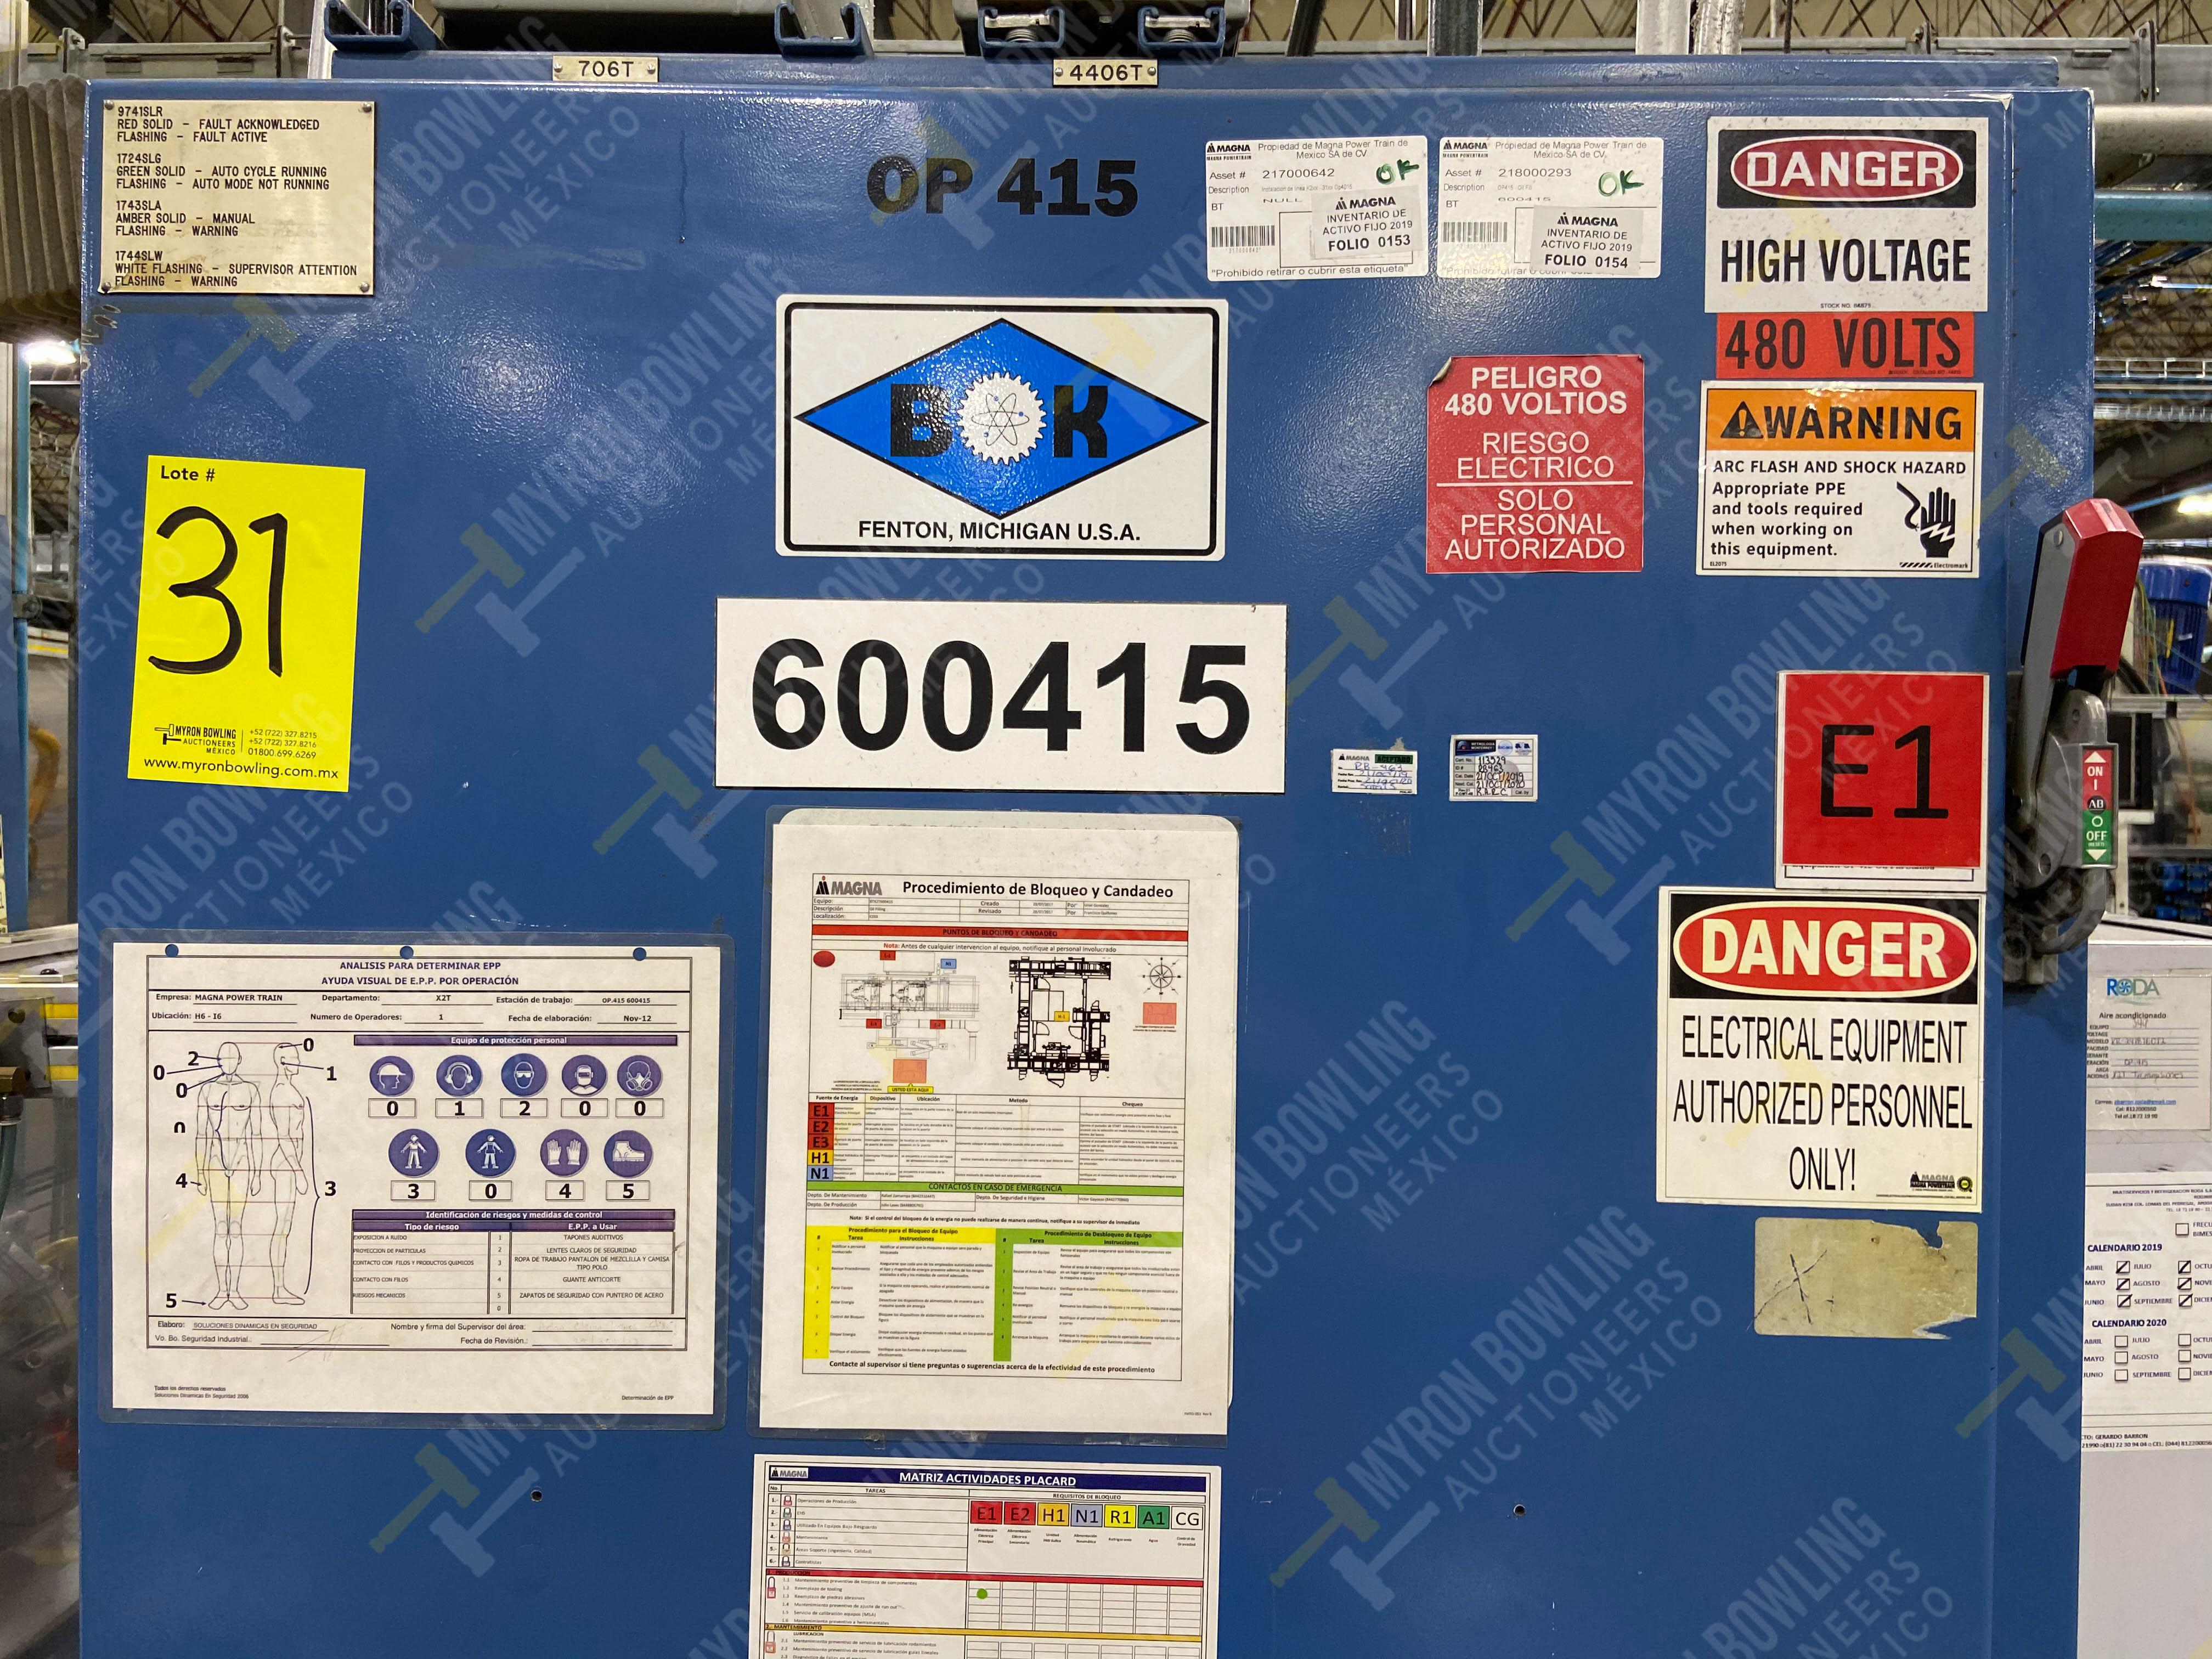 Estación semiautomática para operación 416, contiene: Sistema de llenado de aceite - Image 18 of 20